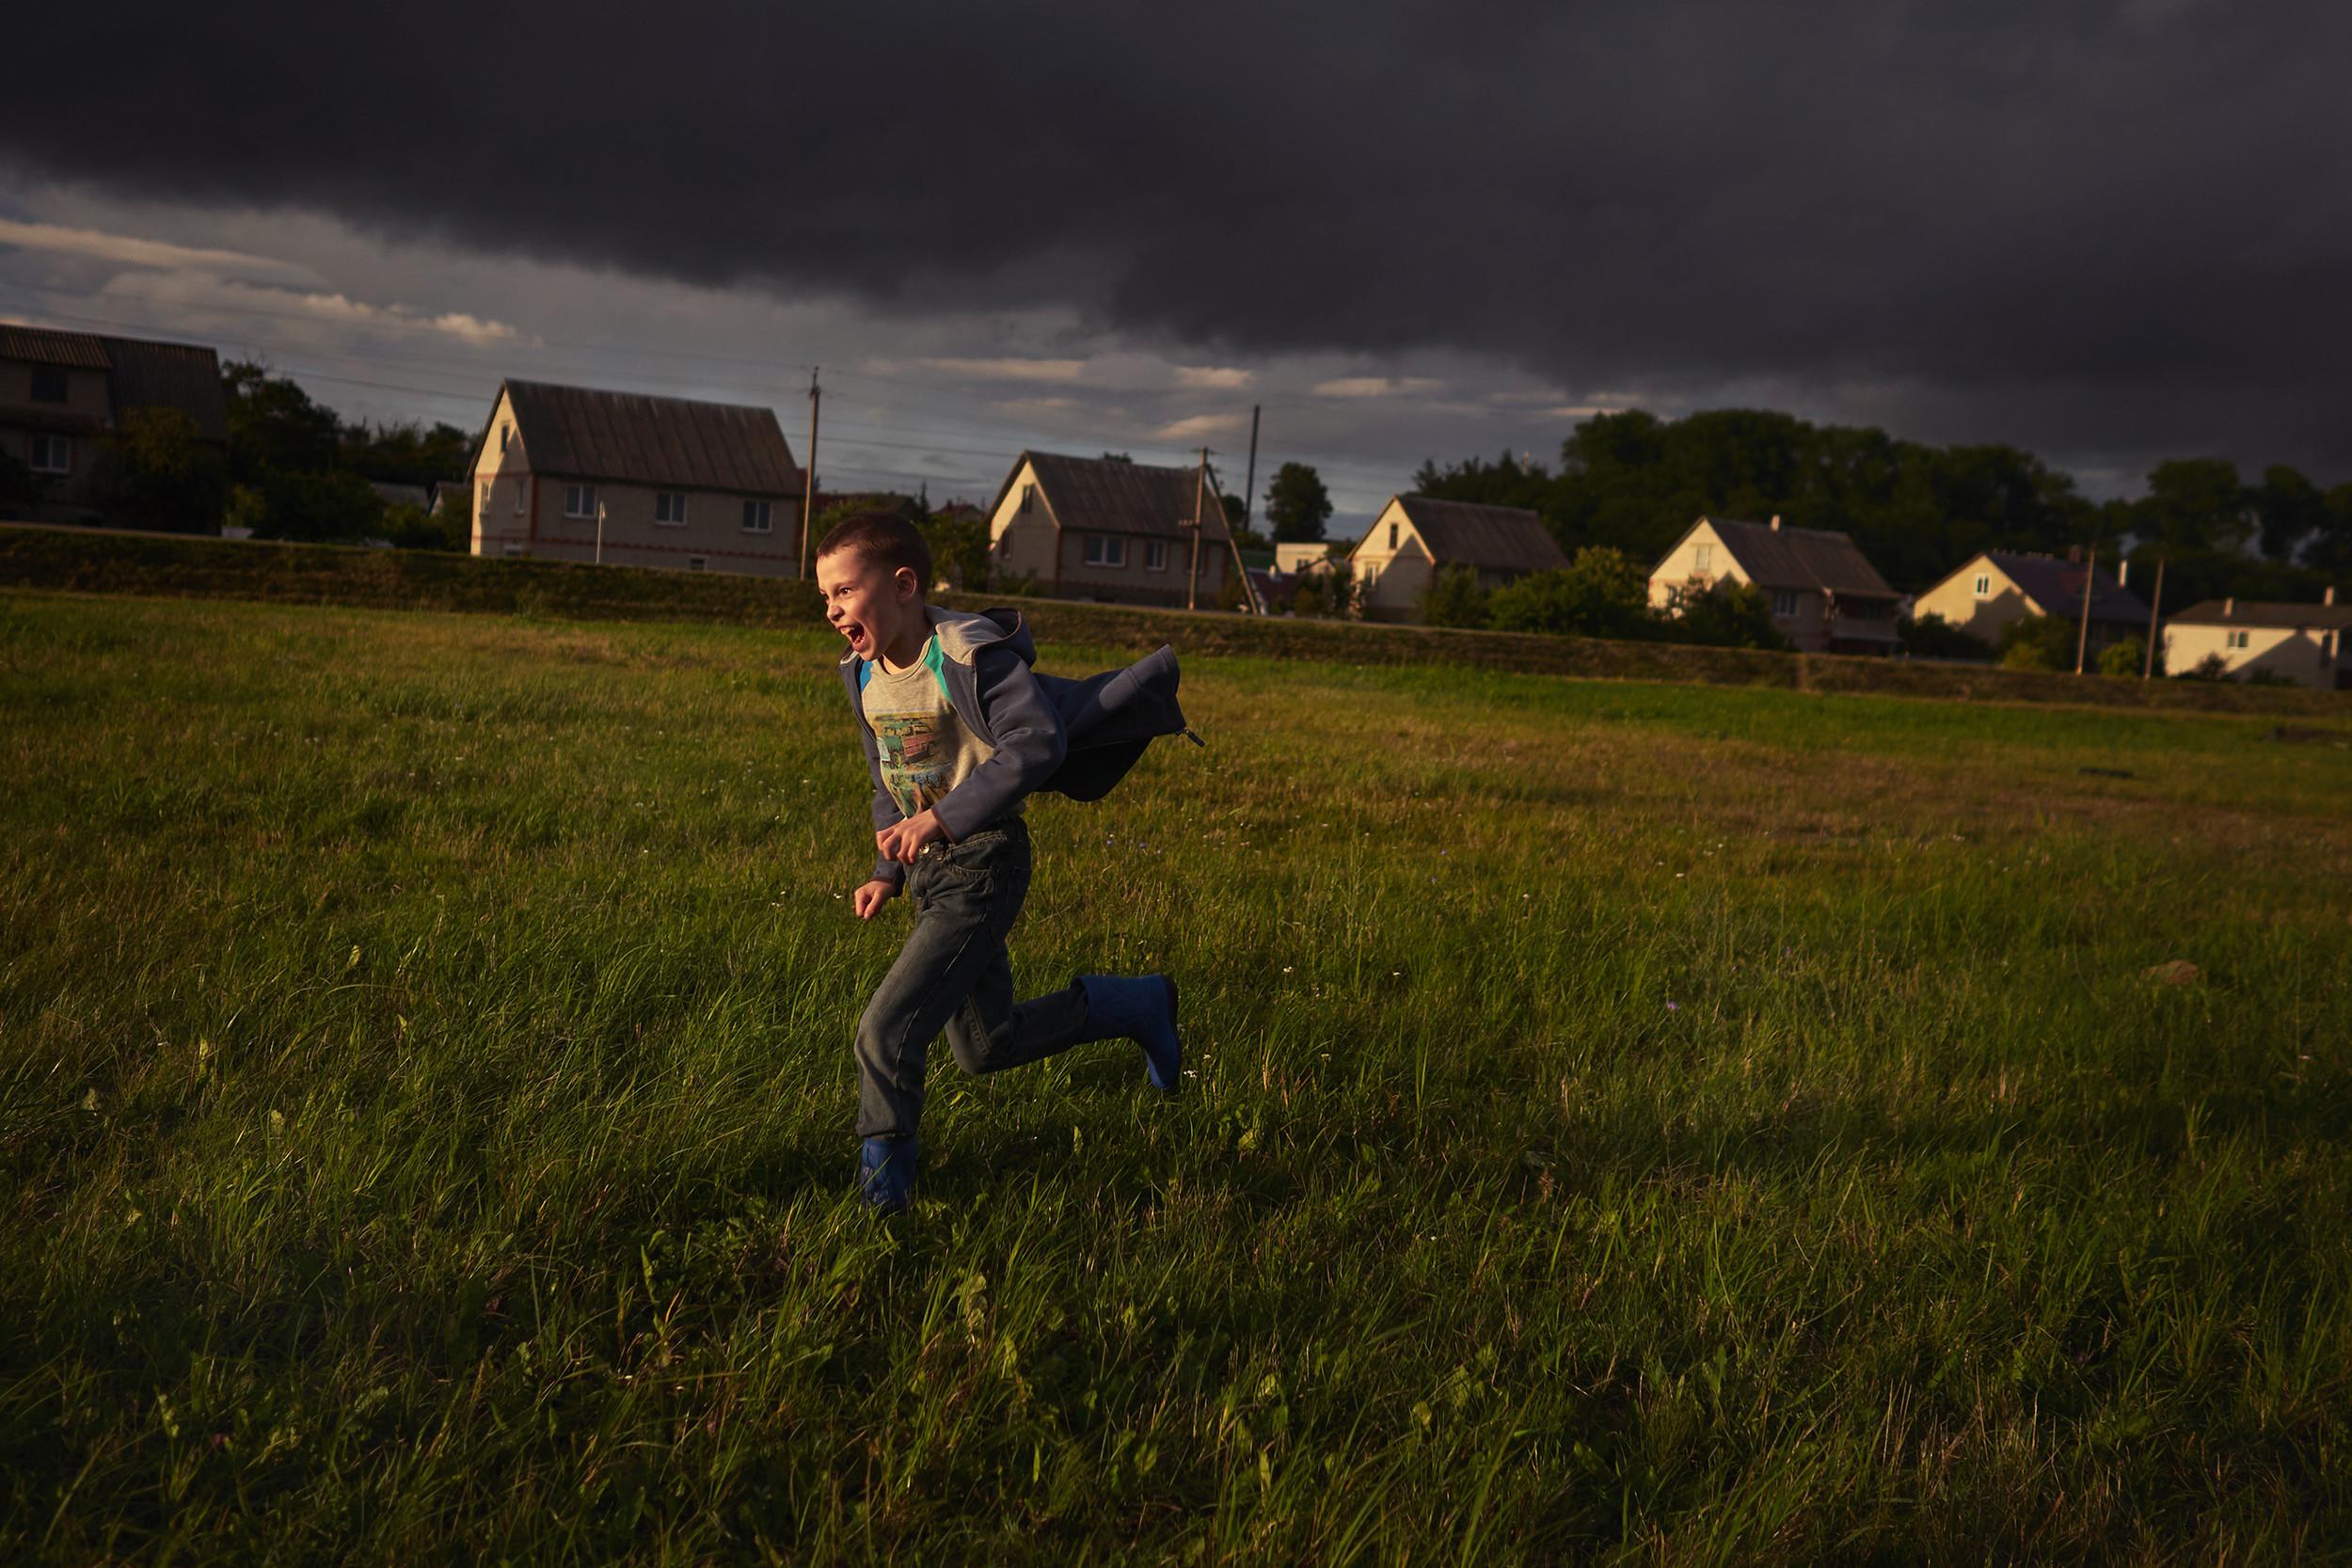 Boy running across a field in Belarus